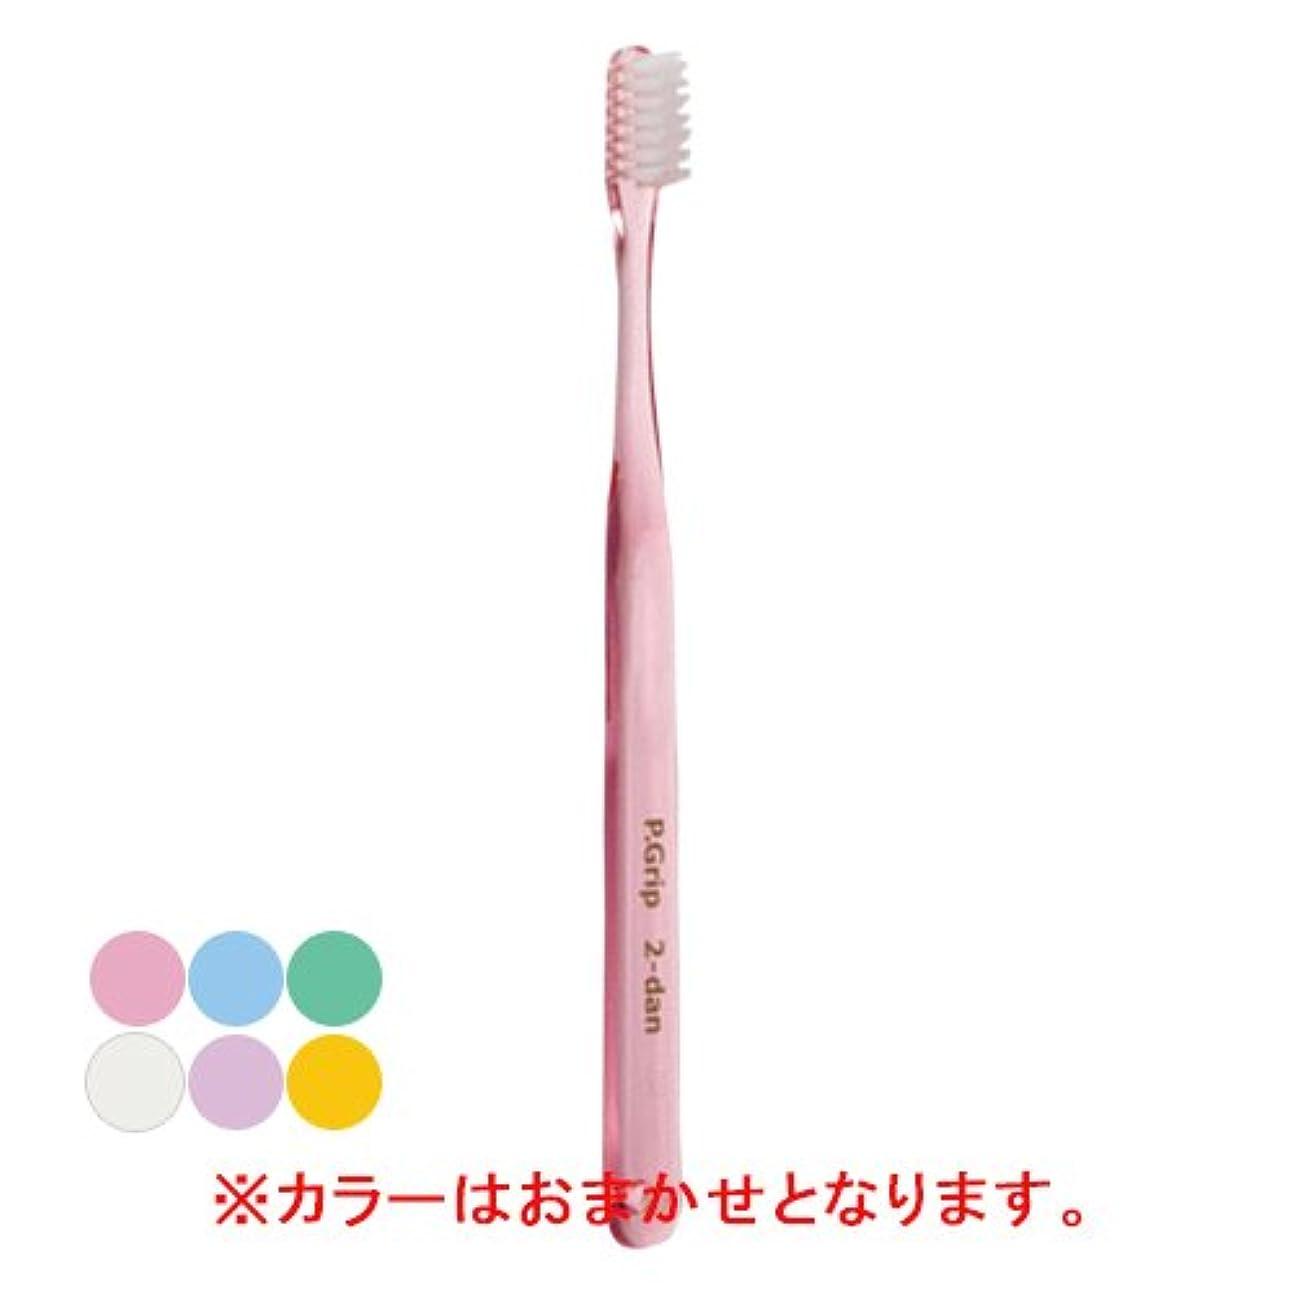 洗練された顎ビルマP.D.R.(ピーディーアール) P.Grip(ピーグリップ)歯ブラシ 二段植毛タイプ ソフト(やわらかめ) 1本